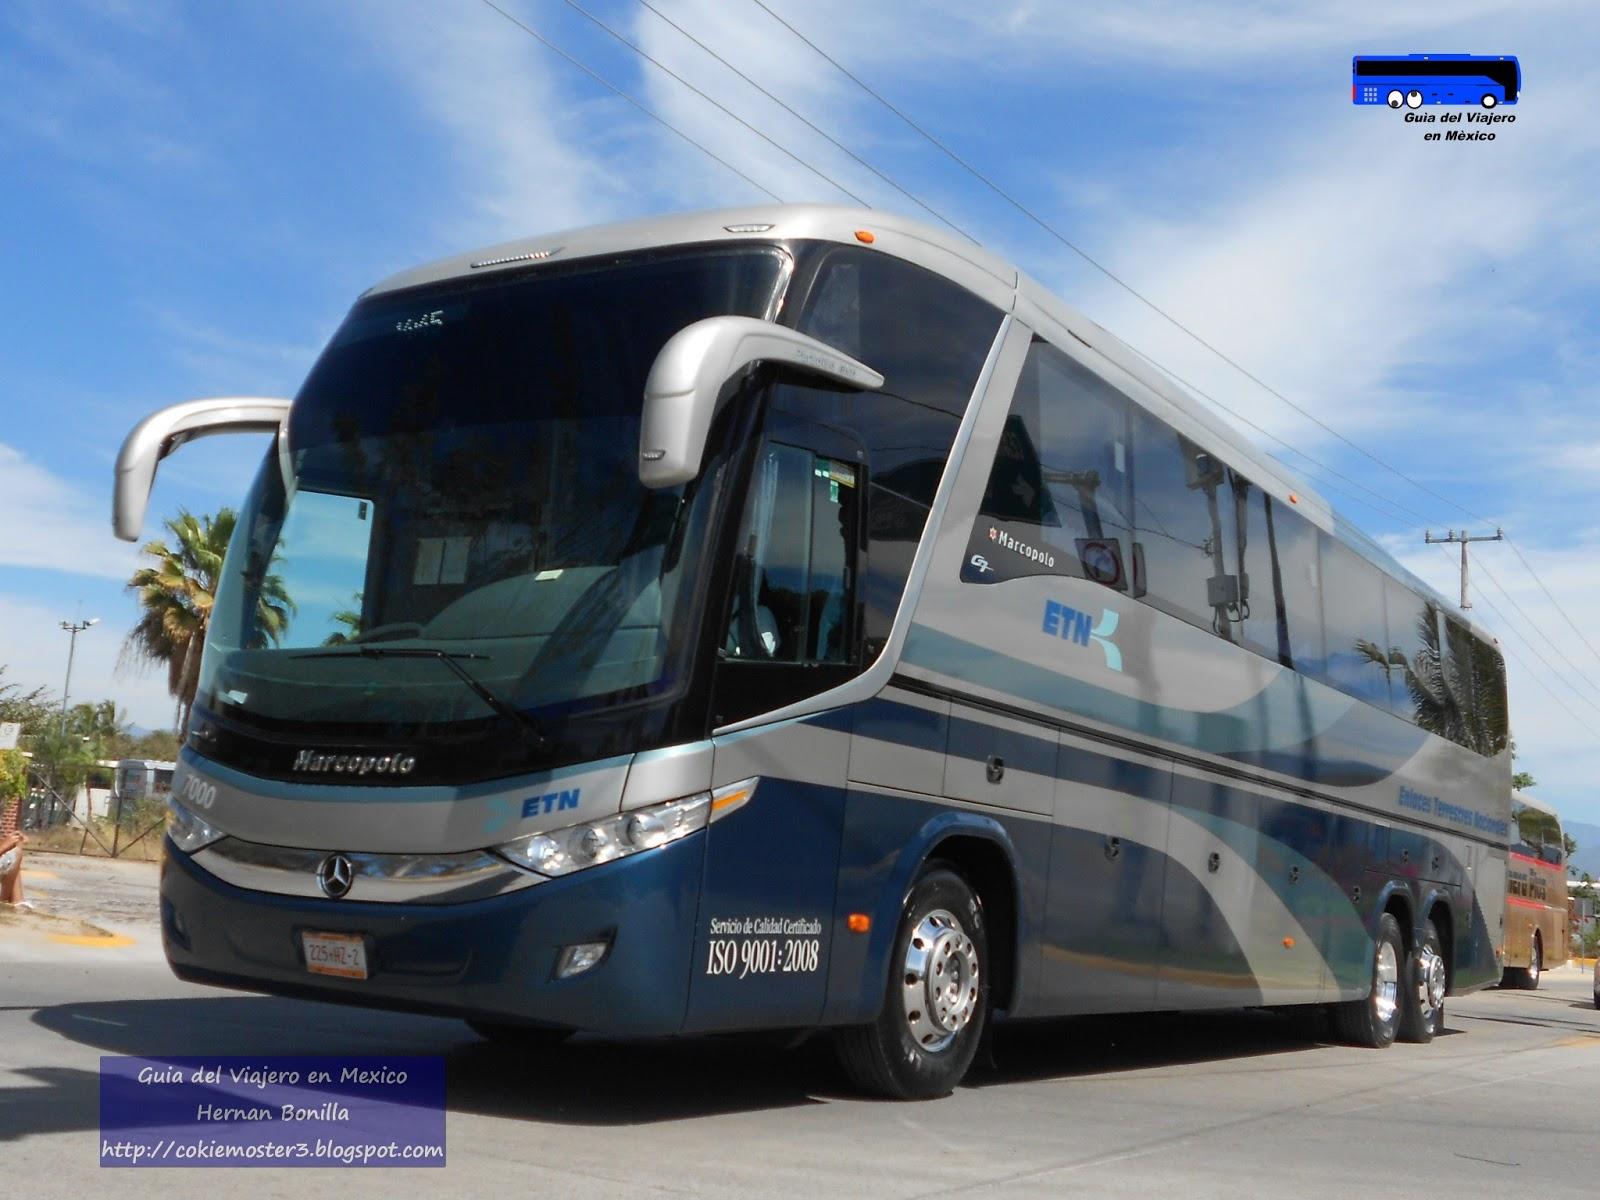 Gu a del viajero en m xico paradisso 1350 g7 mercedes for Mercedes benz tijuana